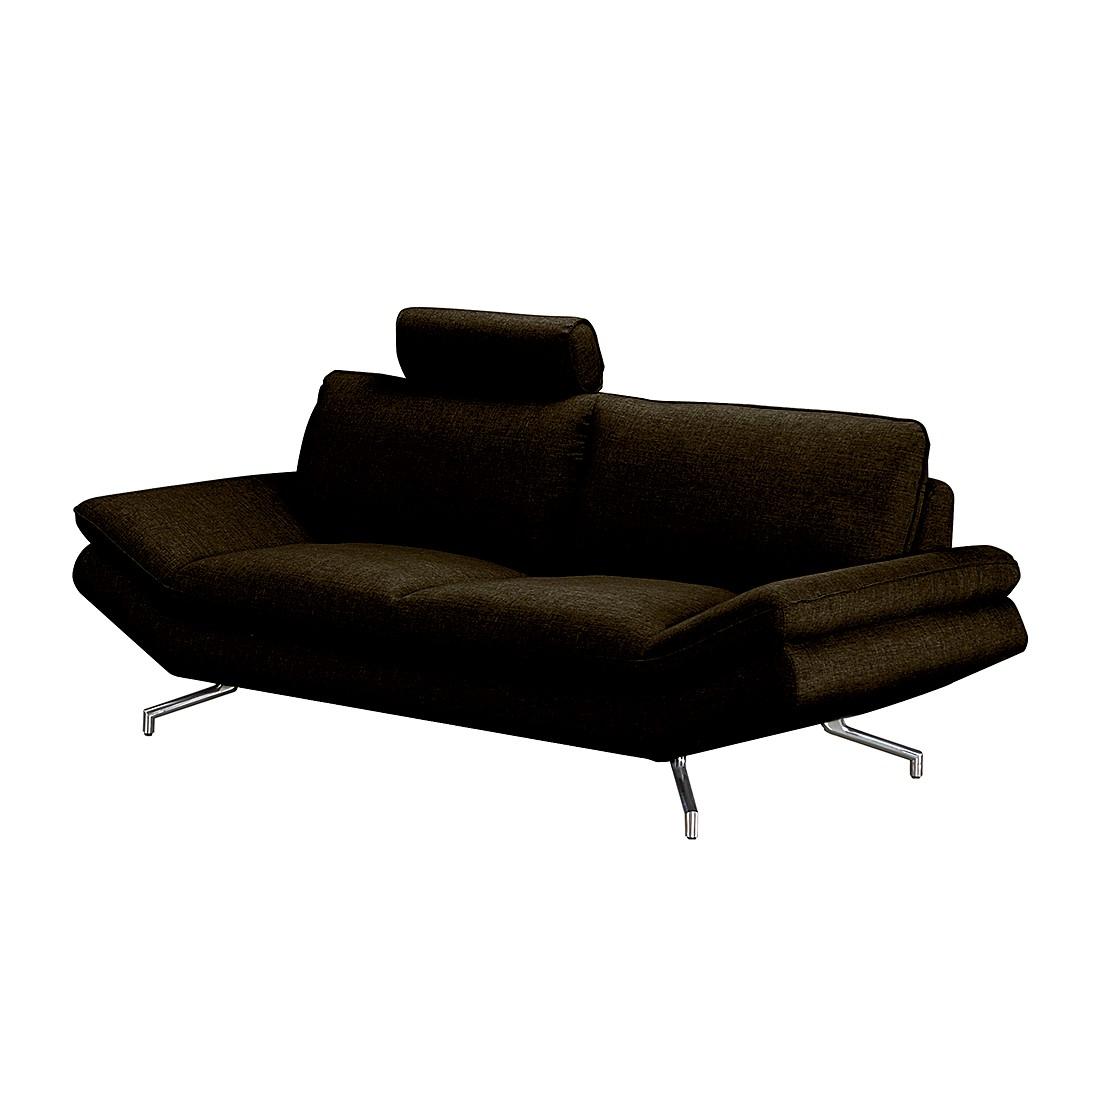 sofa sharon 3 sitzer webstoff mit kopfst tze dunkelbraun loftscape g nstig schnell. Black Bedroom Furniture Sets. Home Design Ideas